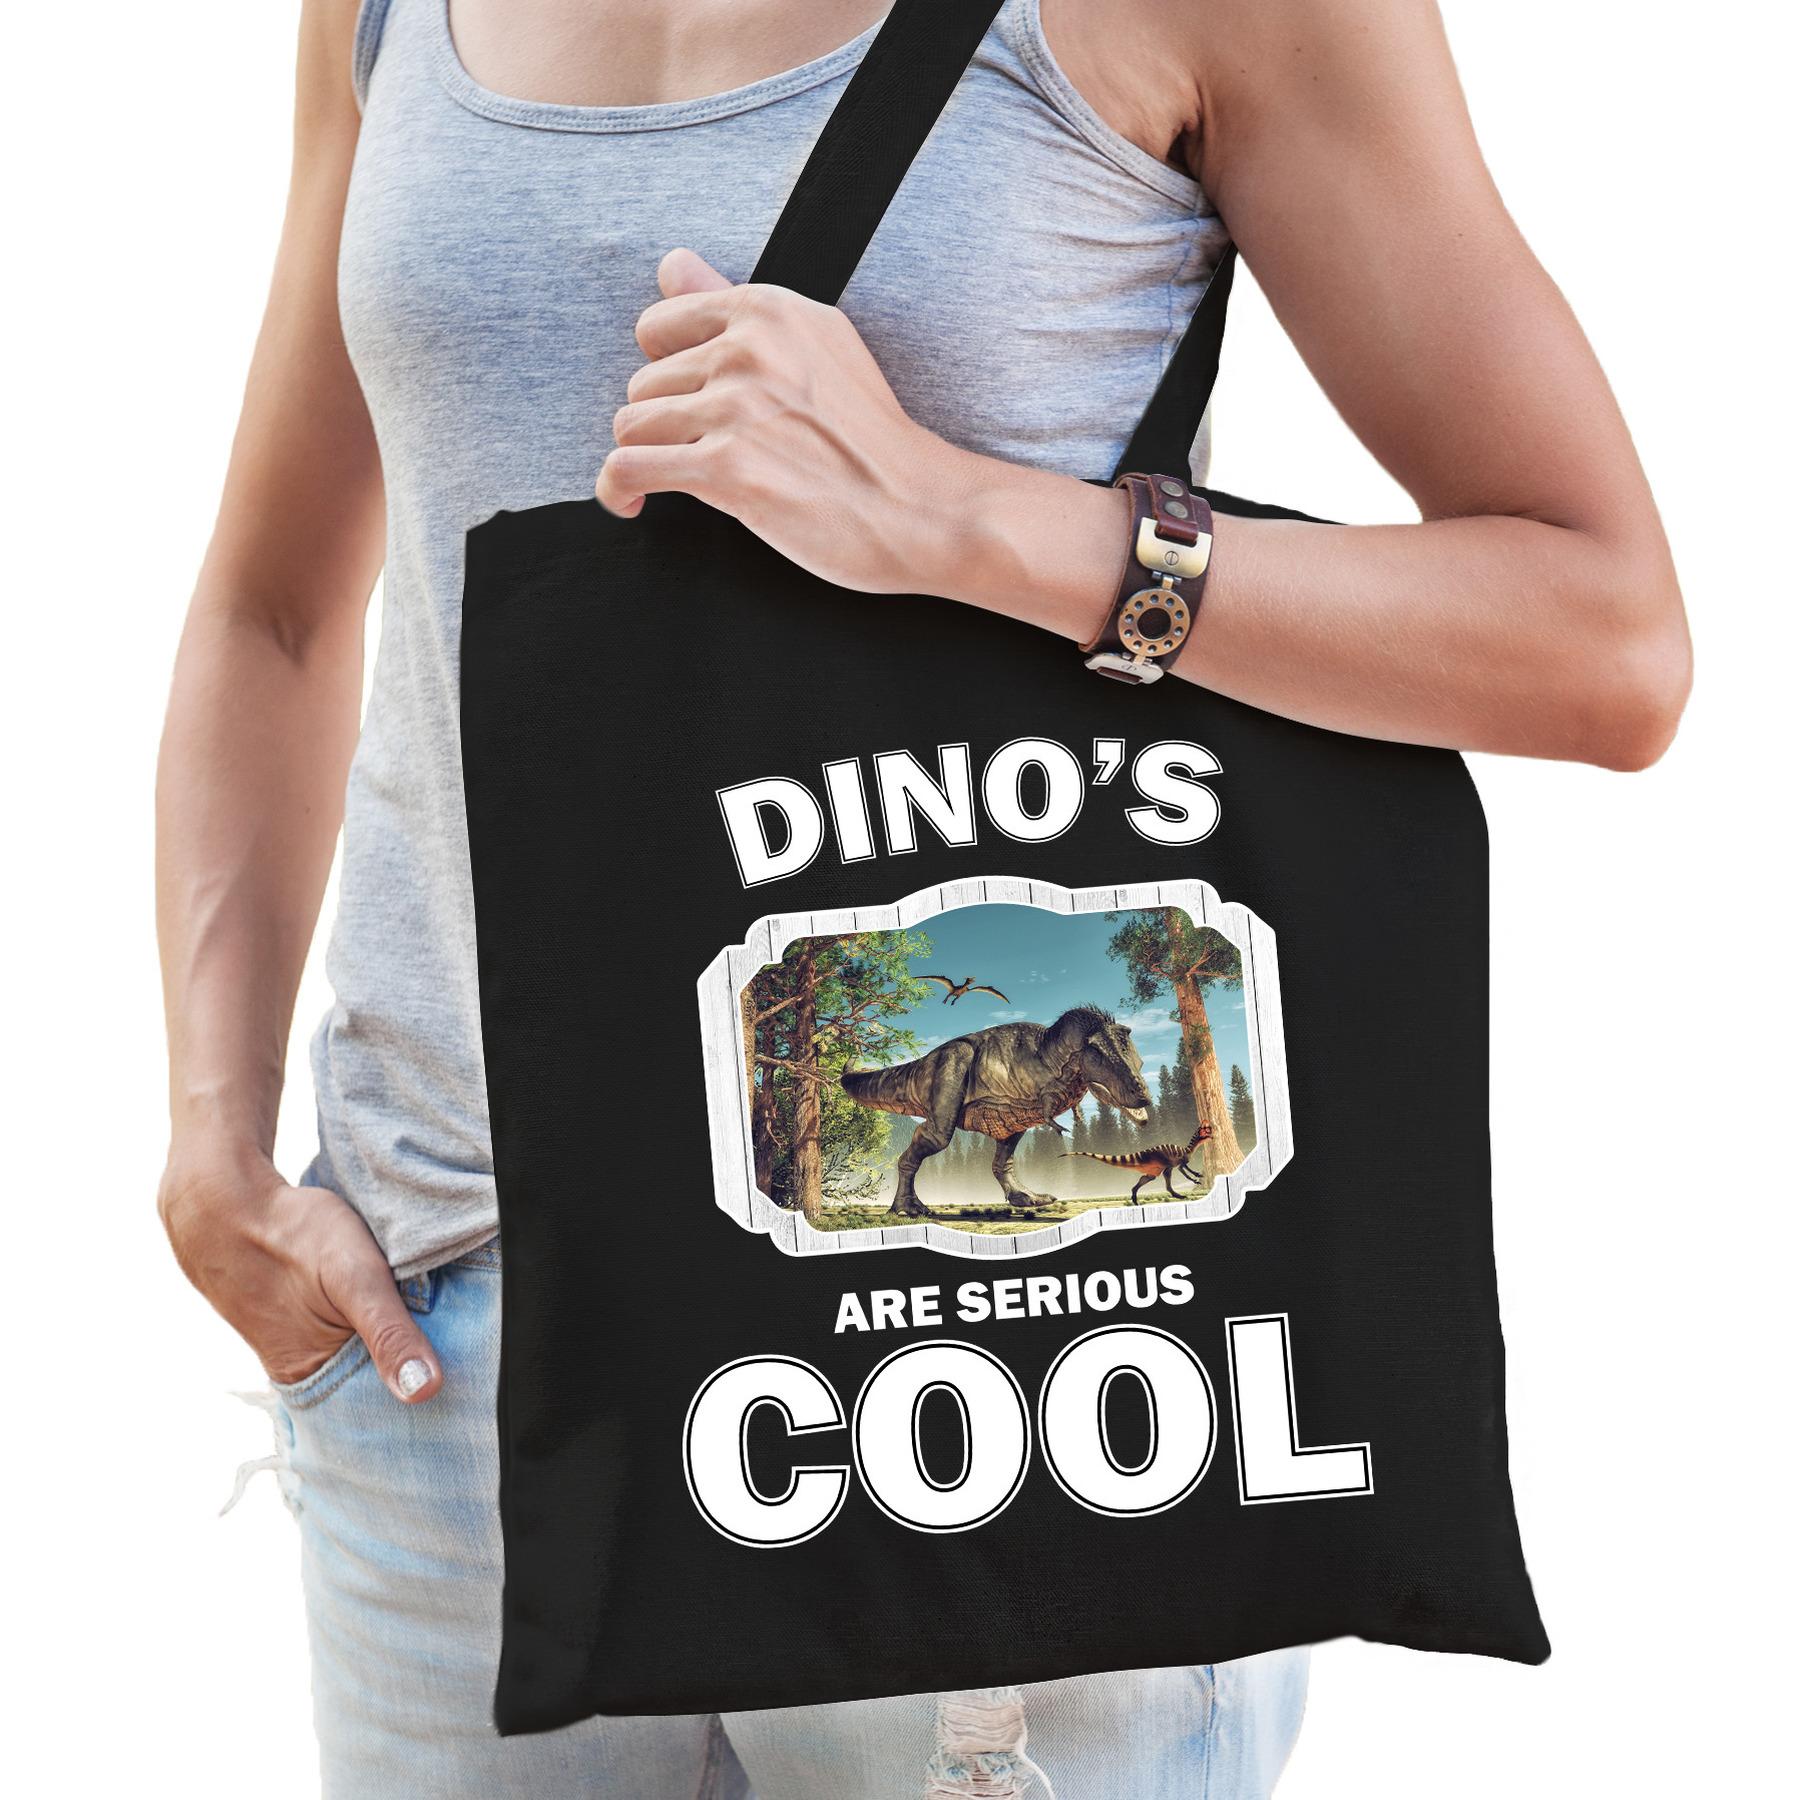 Katoenen tasje dinosaurs are serious cool zwart - dinosaurussen/ t-rex dinosaurus cadeau tas